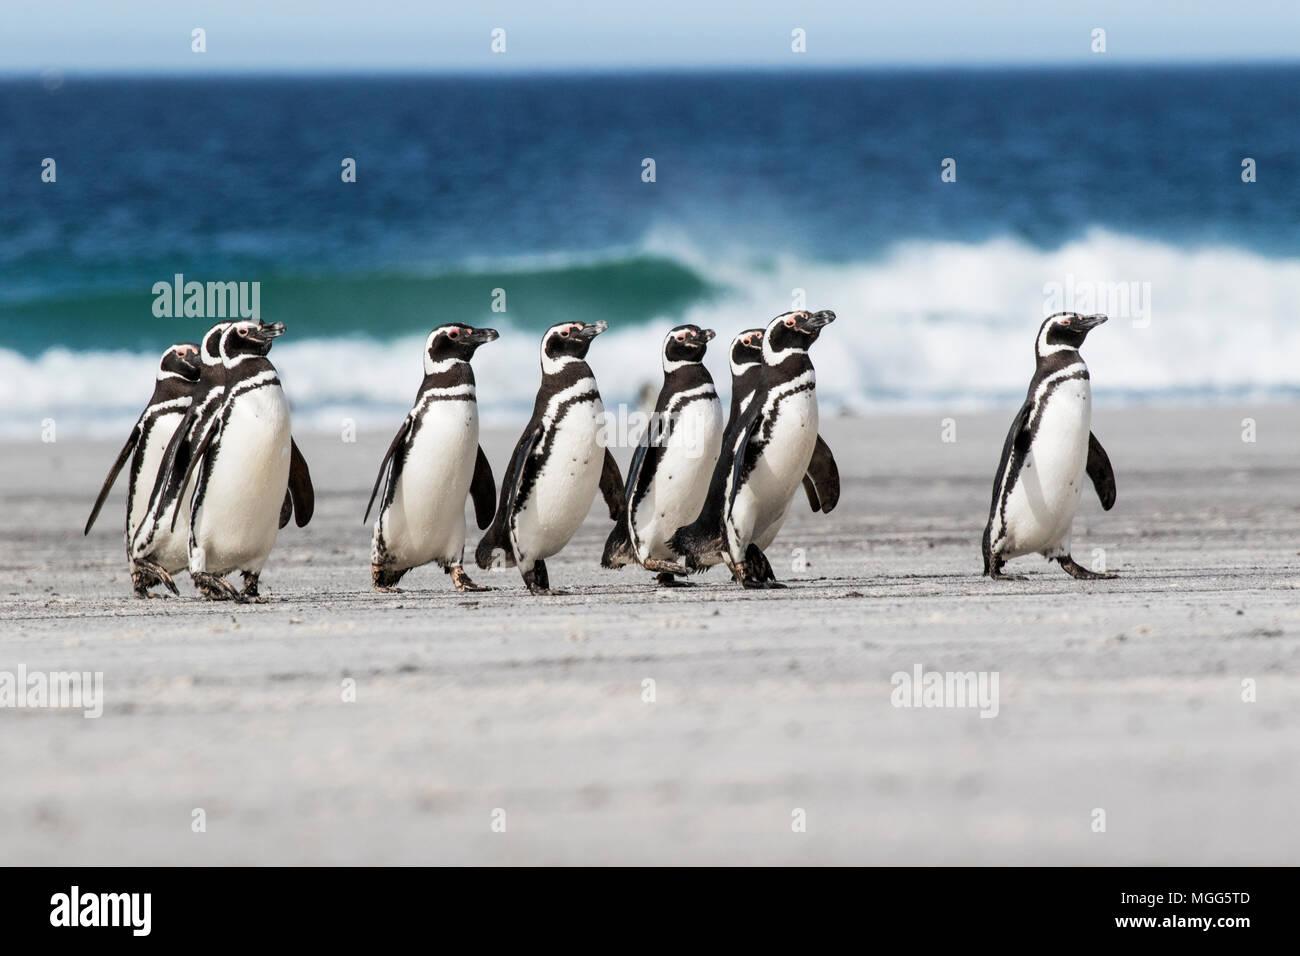 Pingüino de Magallanes Spheniscus magellanicus grupo de adultos caminando por la playa cerca de la colonia de cría, la Isla Saunders, Islas Malvinas Foto de stock